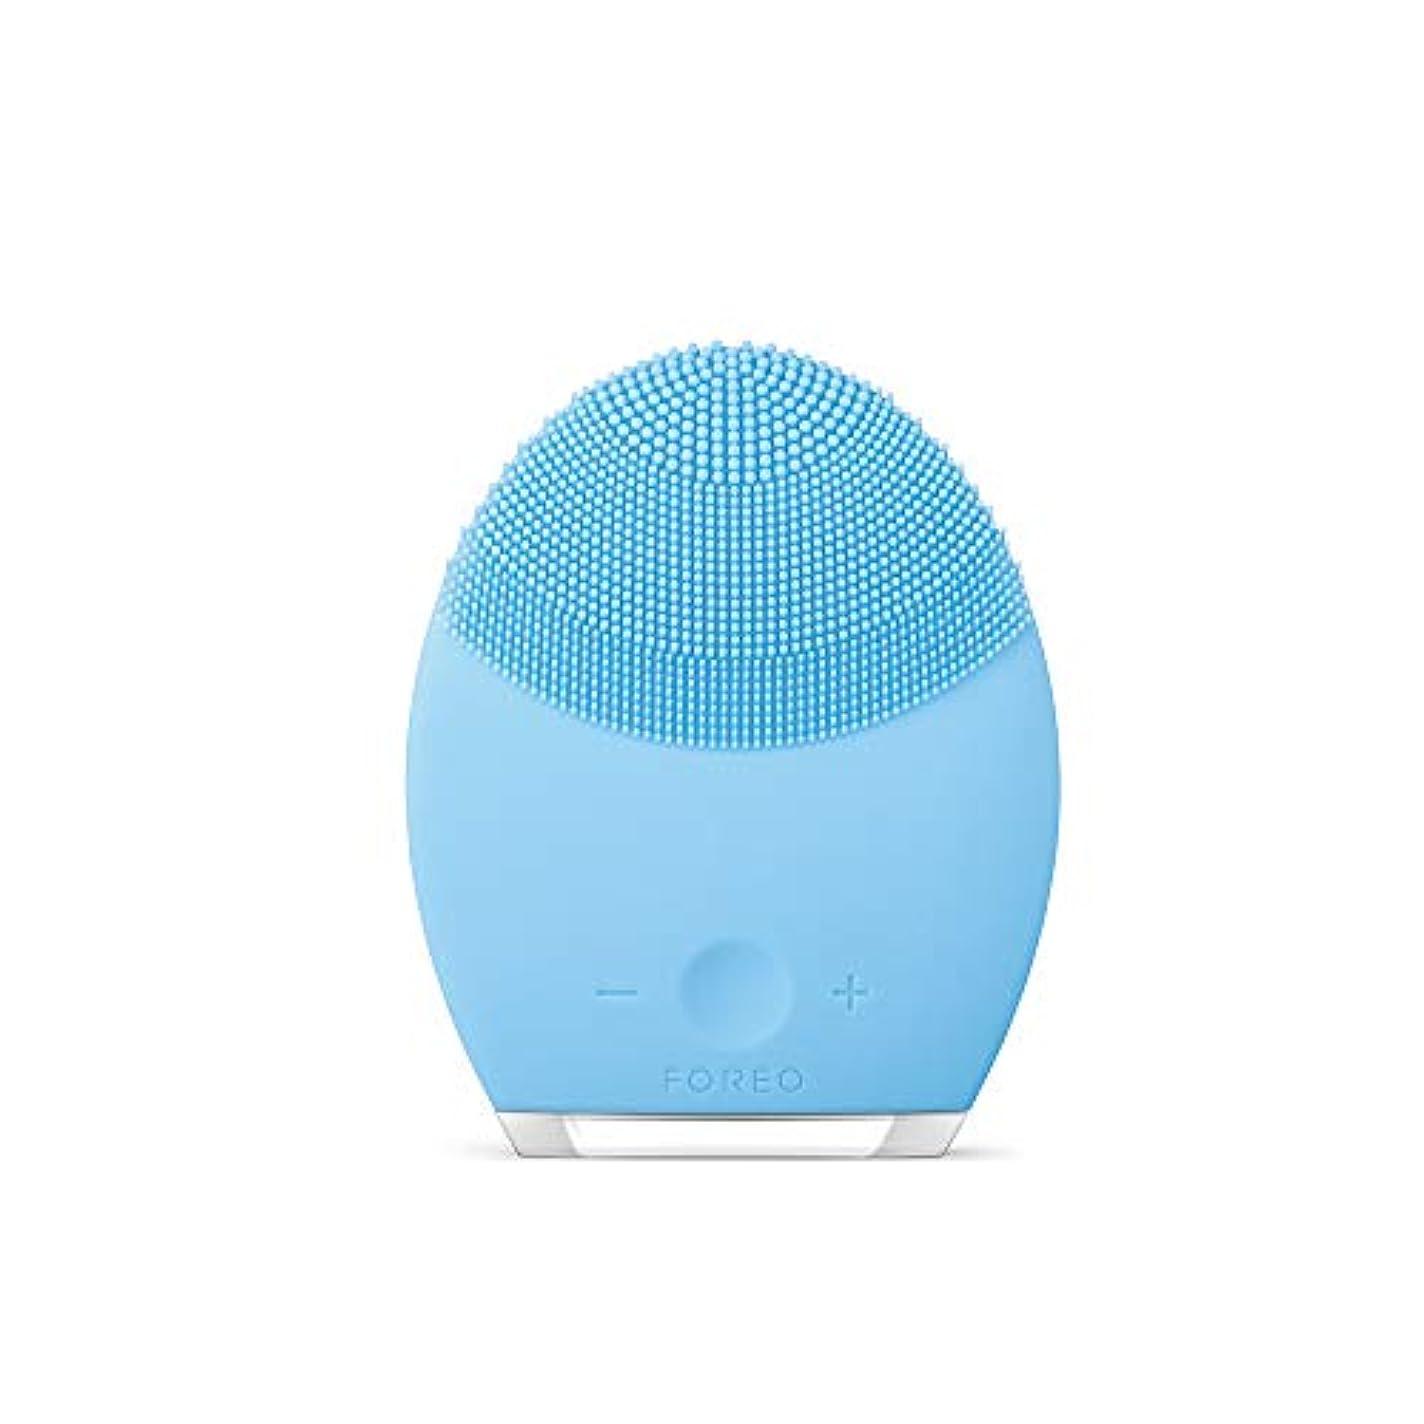 シアー構造手伝うFOREO LUNA 2 for コンビネーションスキン 電動洗顔ブラシ シリコーン製 音波振動 エイジングケア※